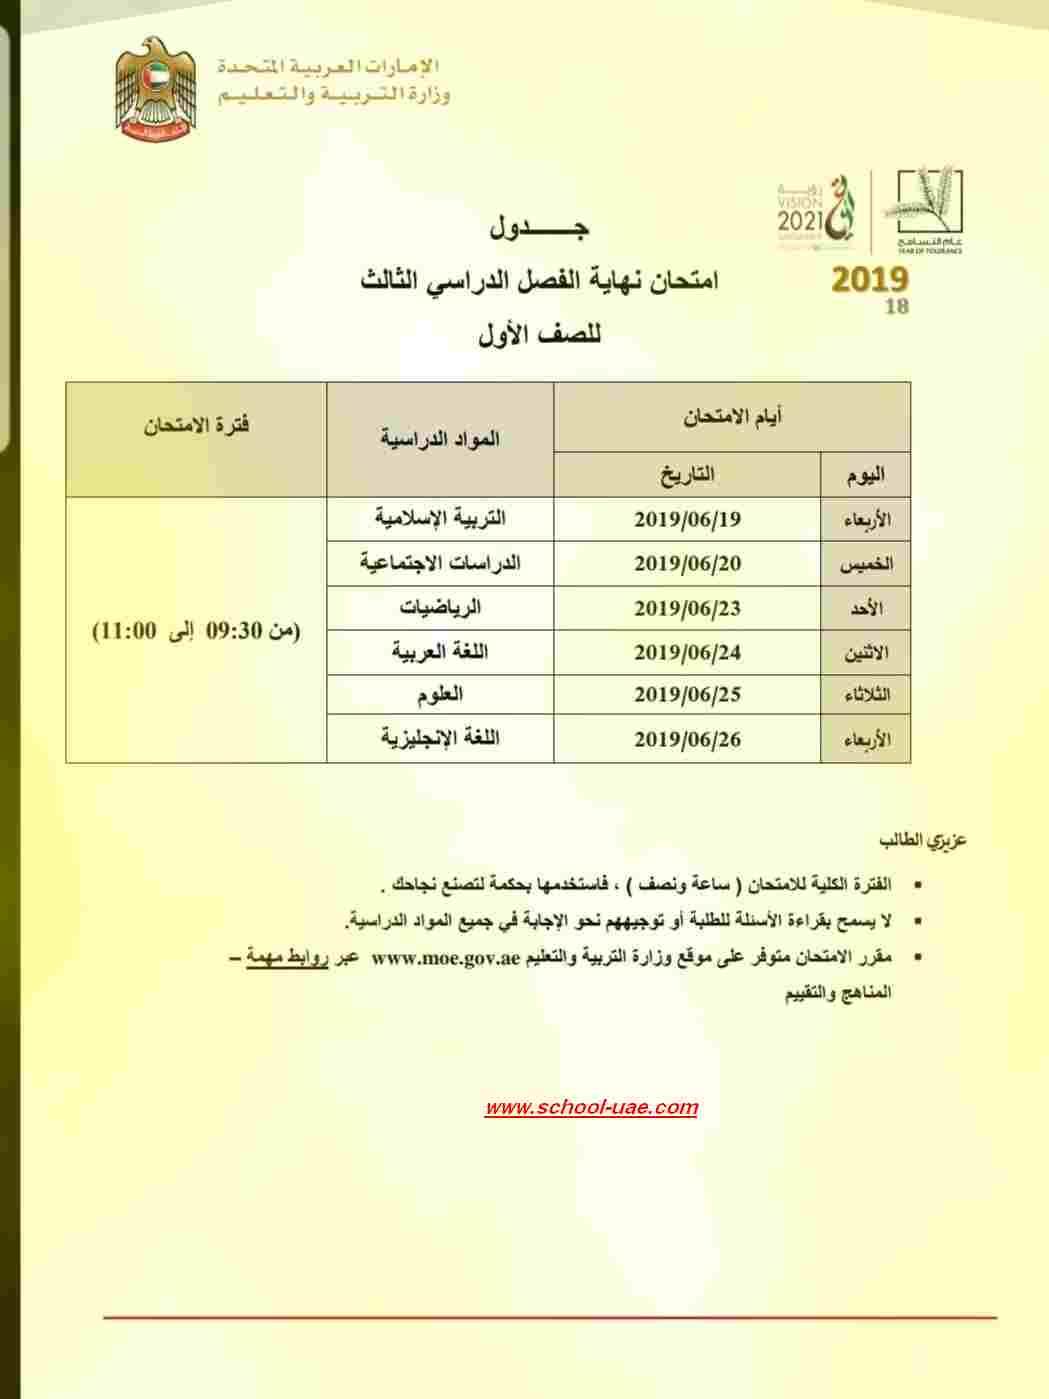 جدول الامتحان الوزاري للصف الاول الفصل الدراسى الثالث 2019 - مناهج الامارات